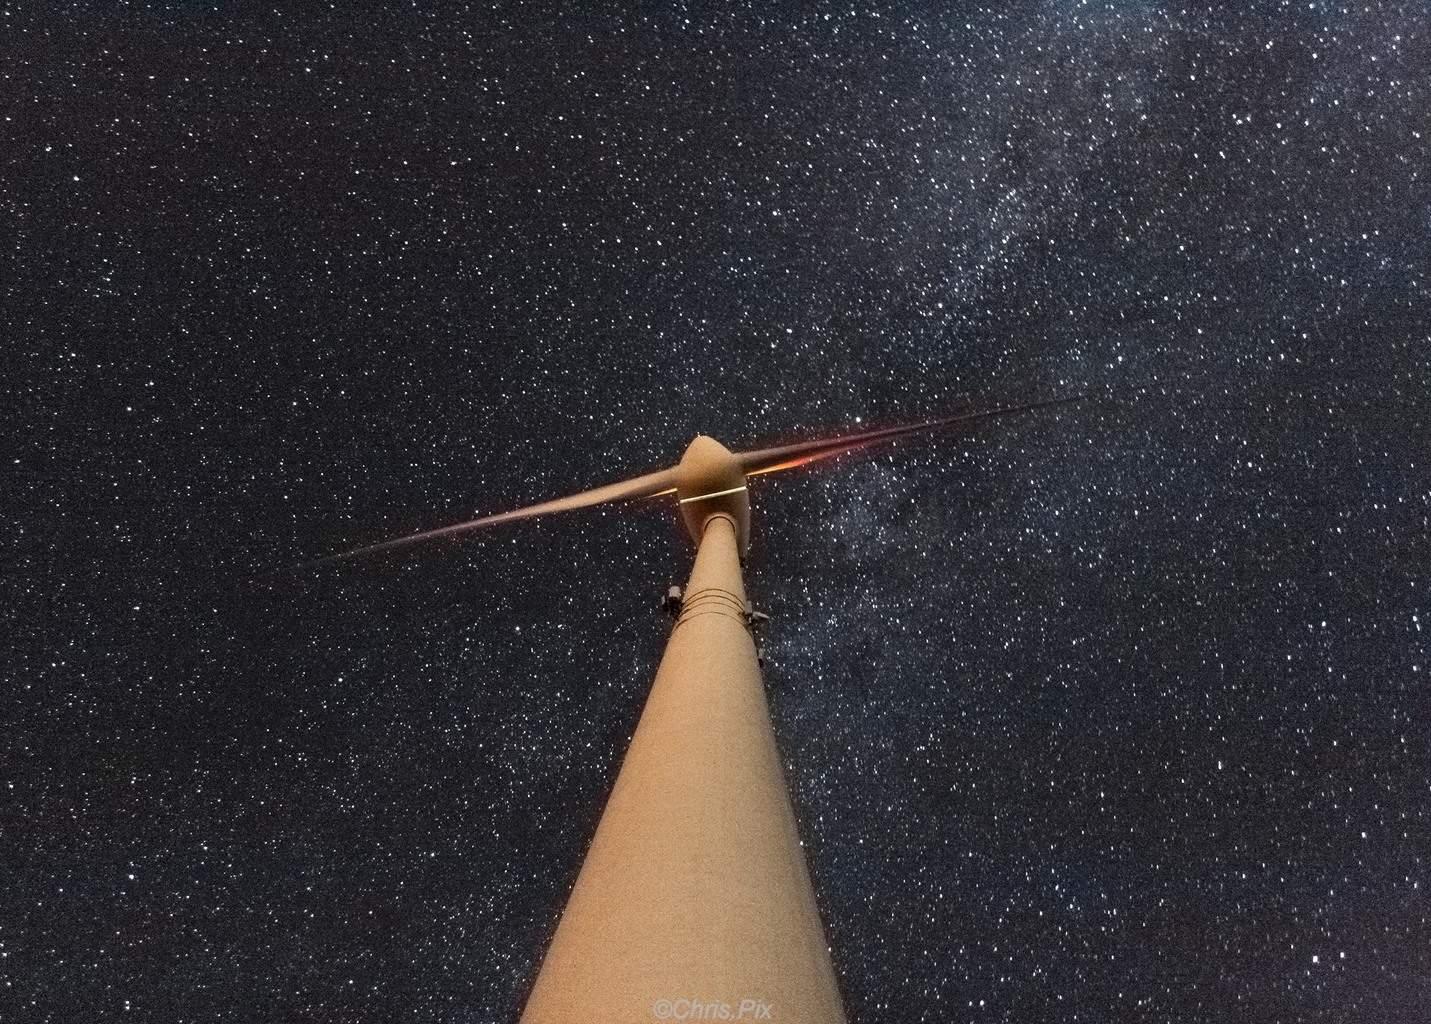 Wind power meets milky way.